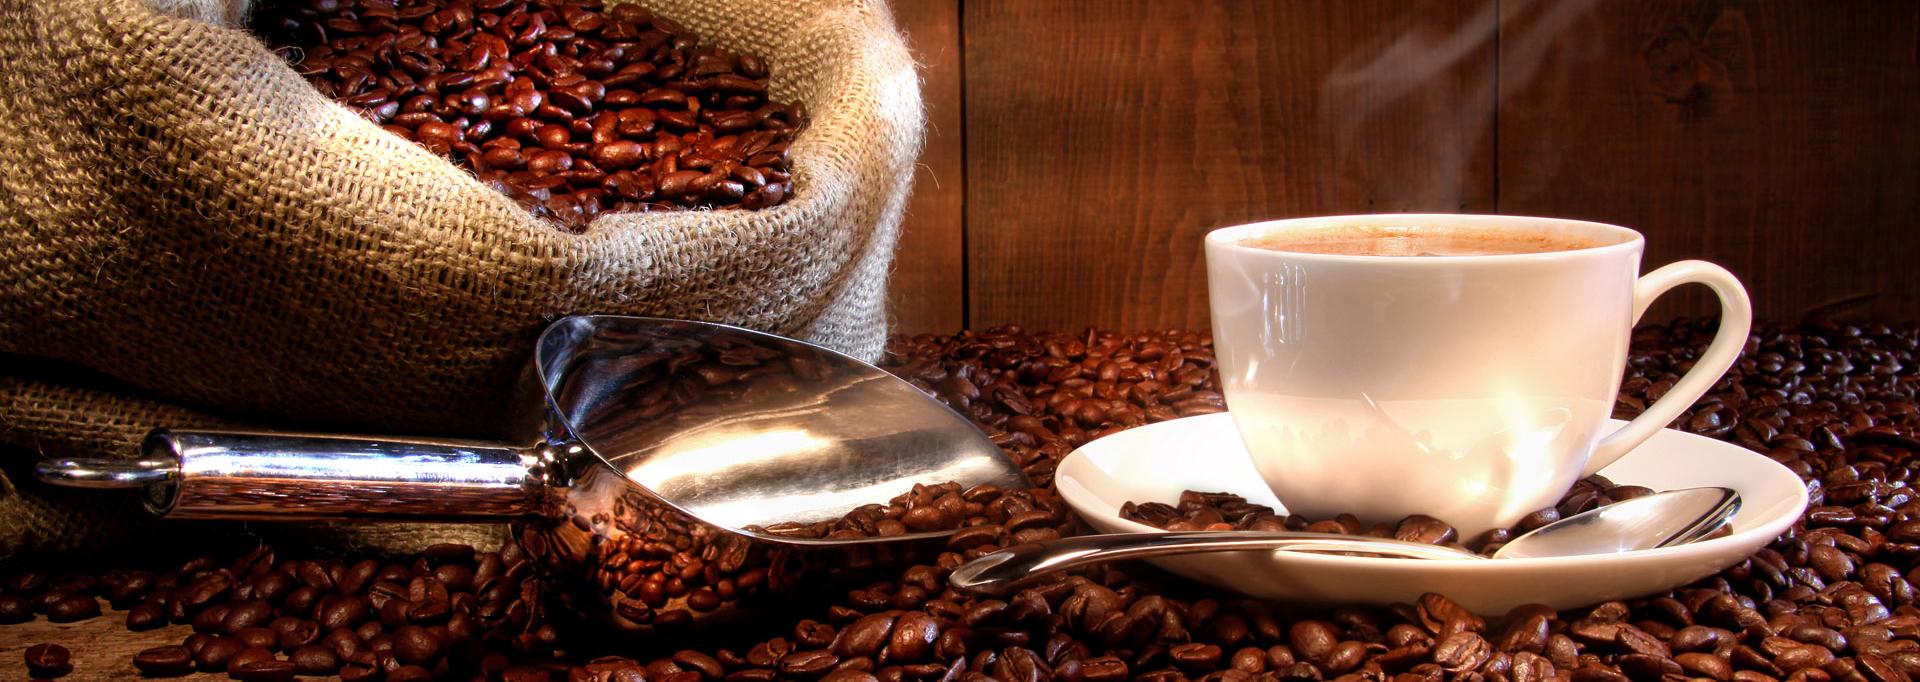 Café destaque 1